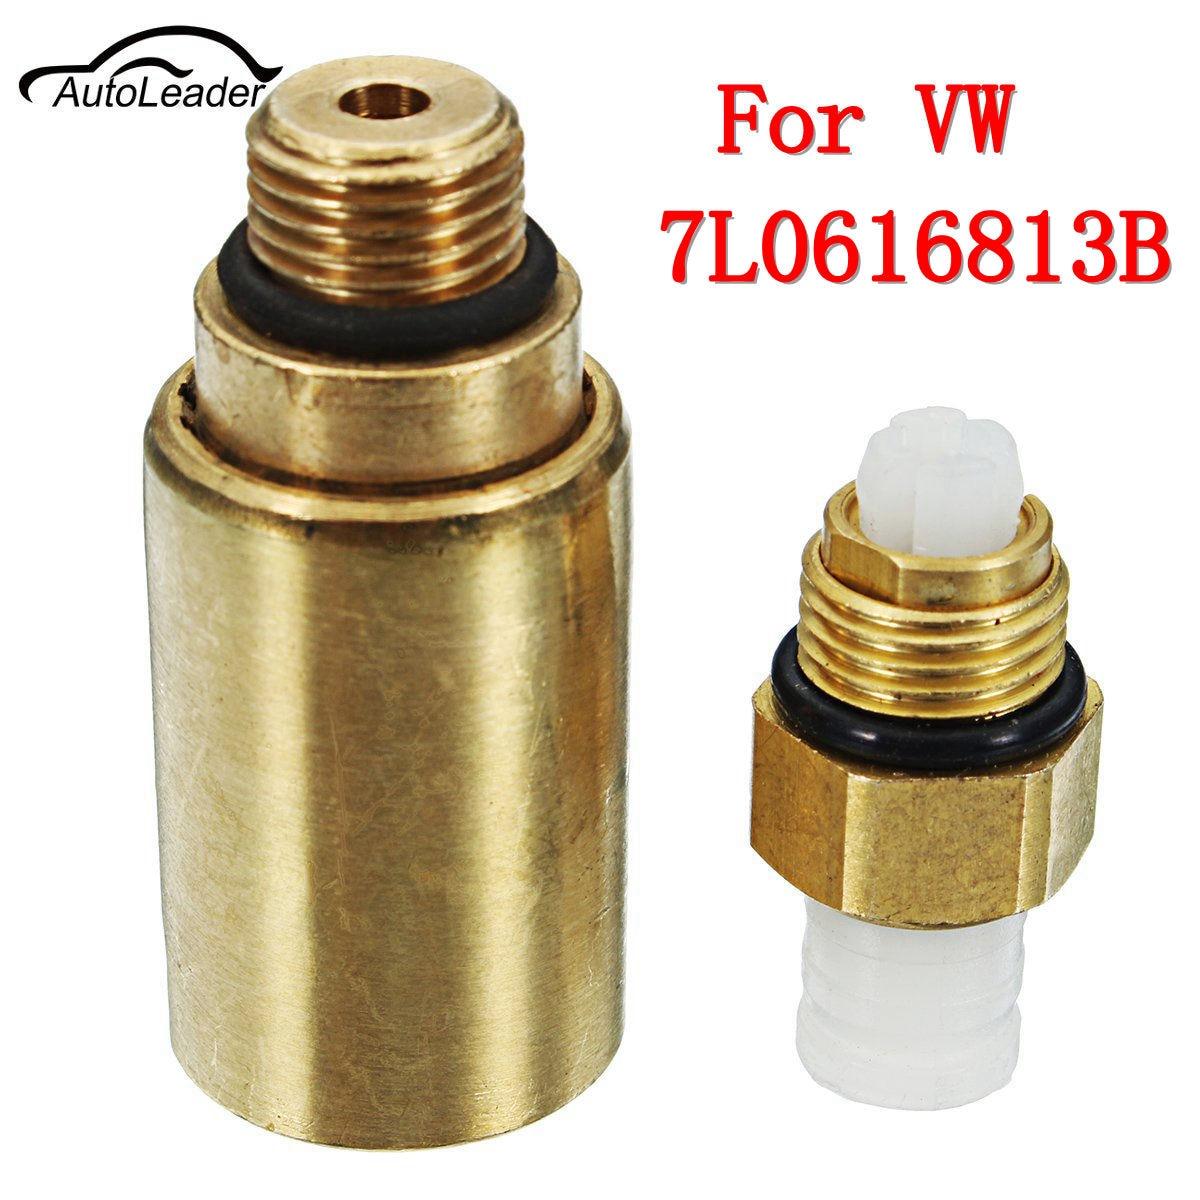 1Pcs 7L0616813B Air Suspension Risidual Pressure Valve 7L0 616 813 B for VW Touareg